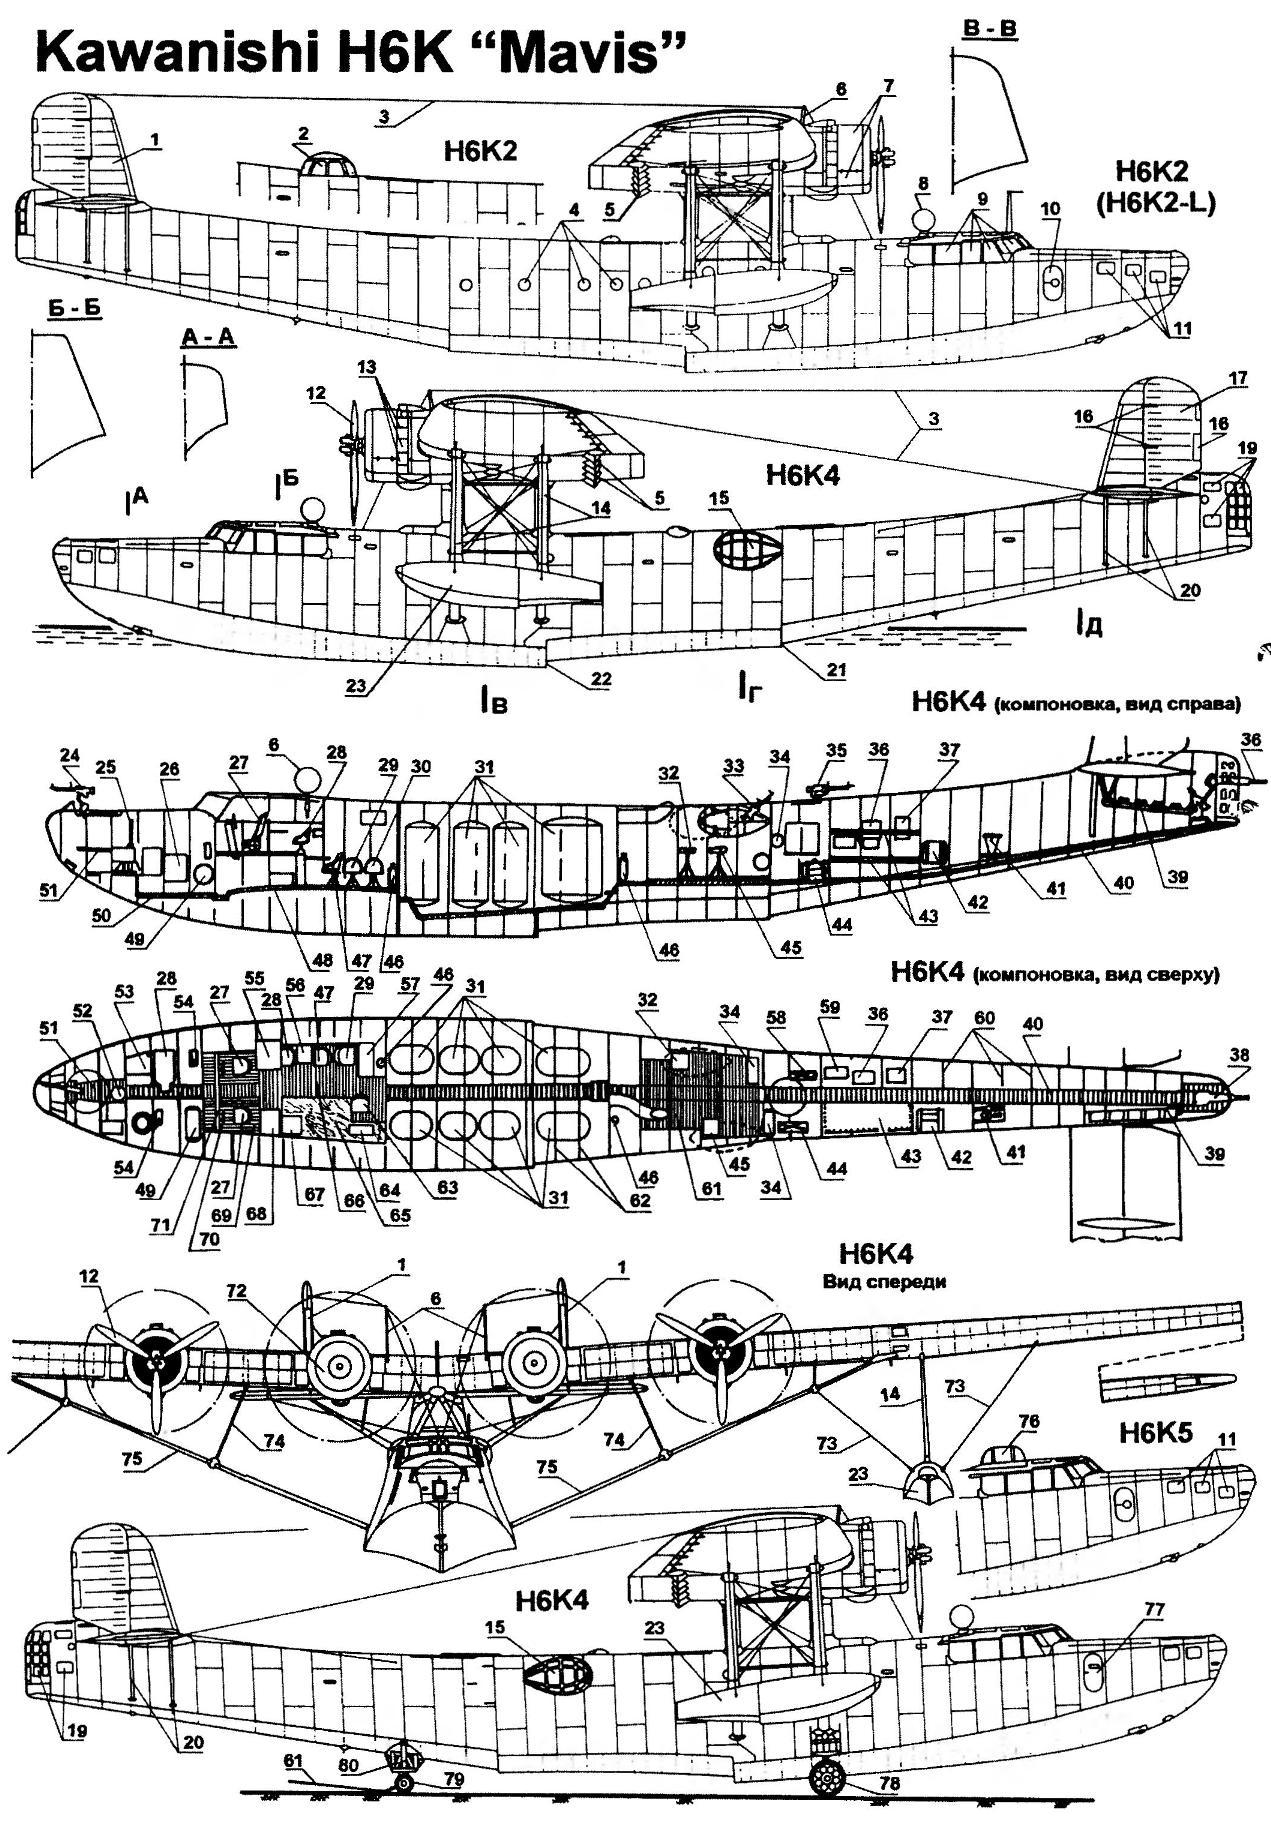 Flying boat Kawanishi H6K